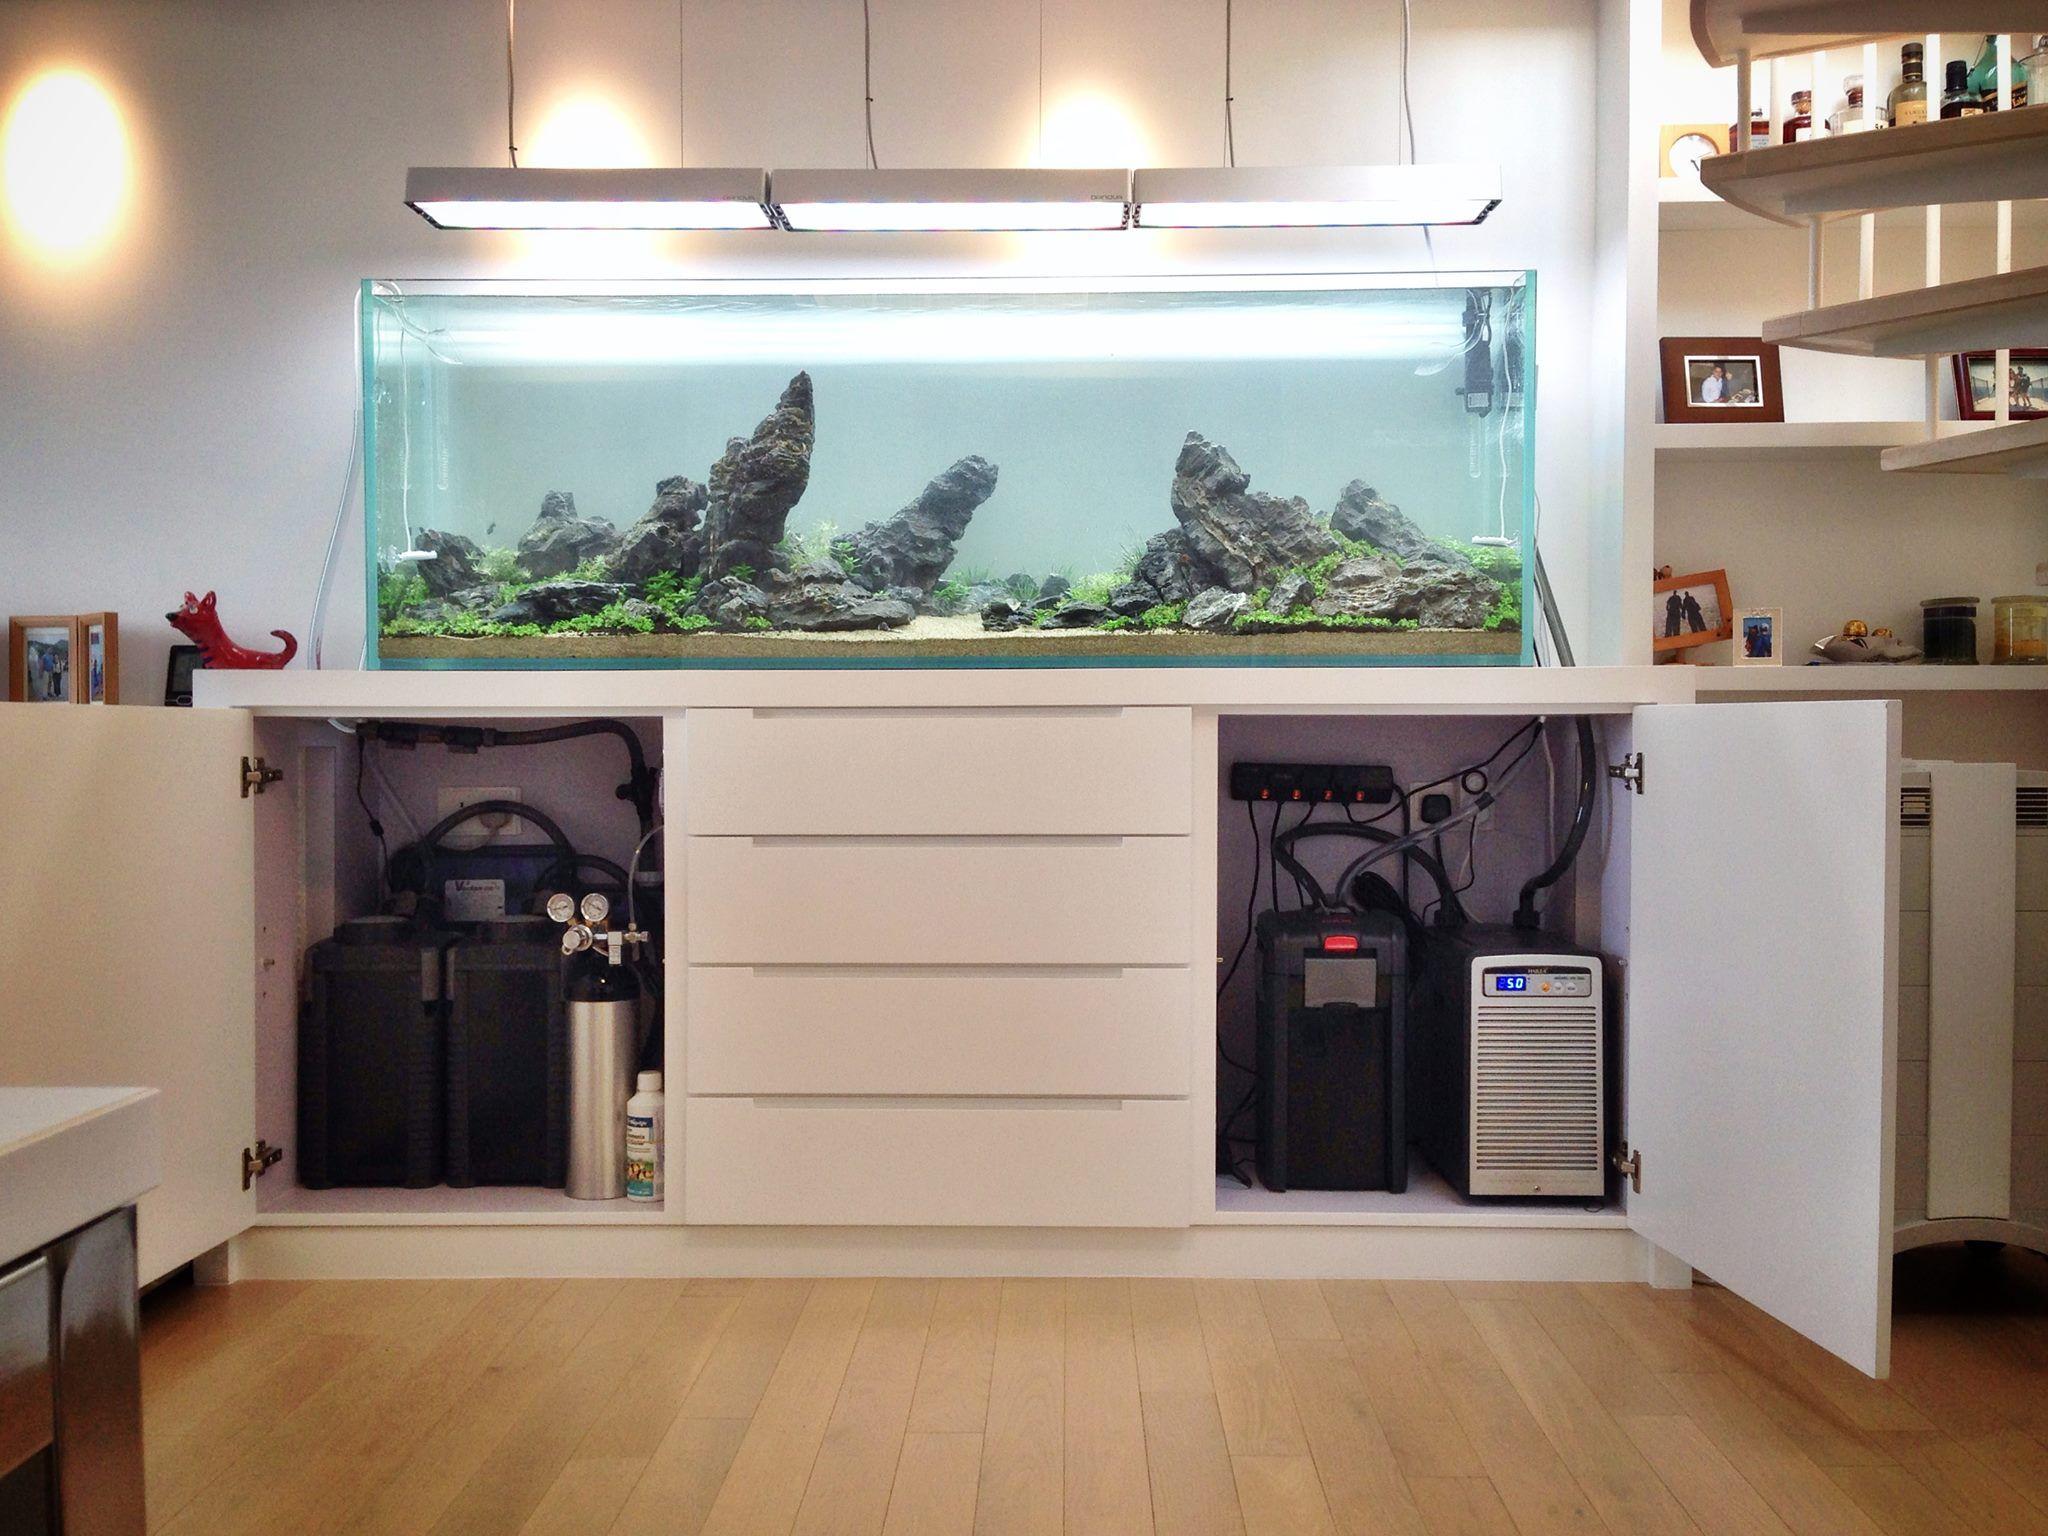 0d0357791850d646a11eb85b8784275c Frais De Aquarium Tropical Schème